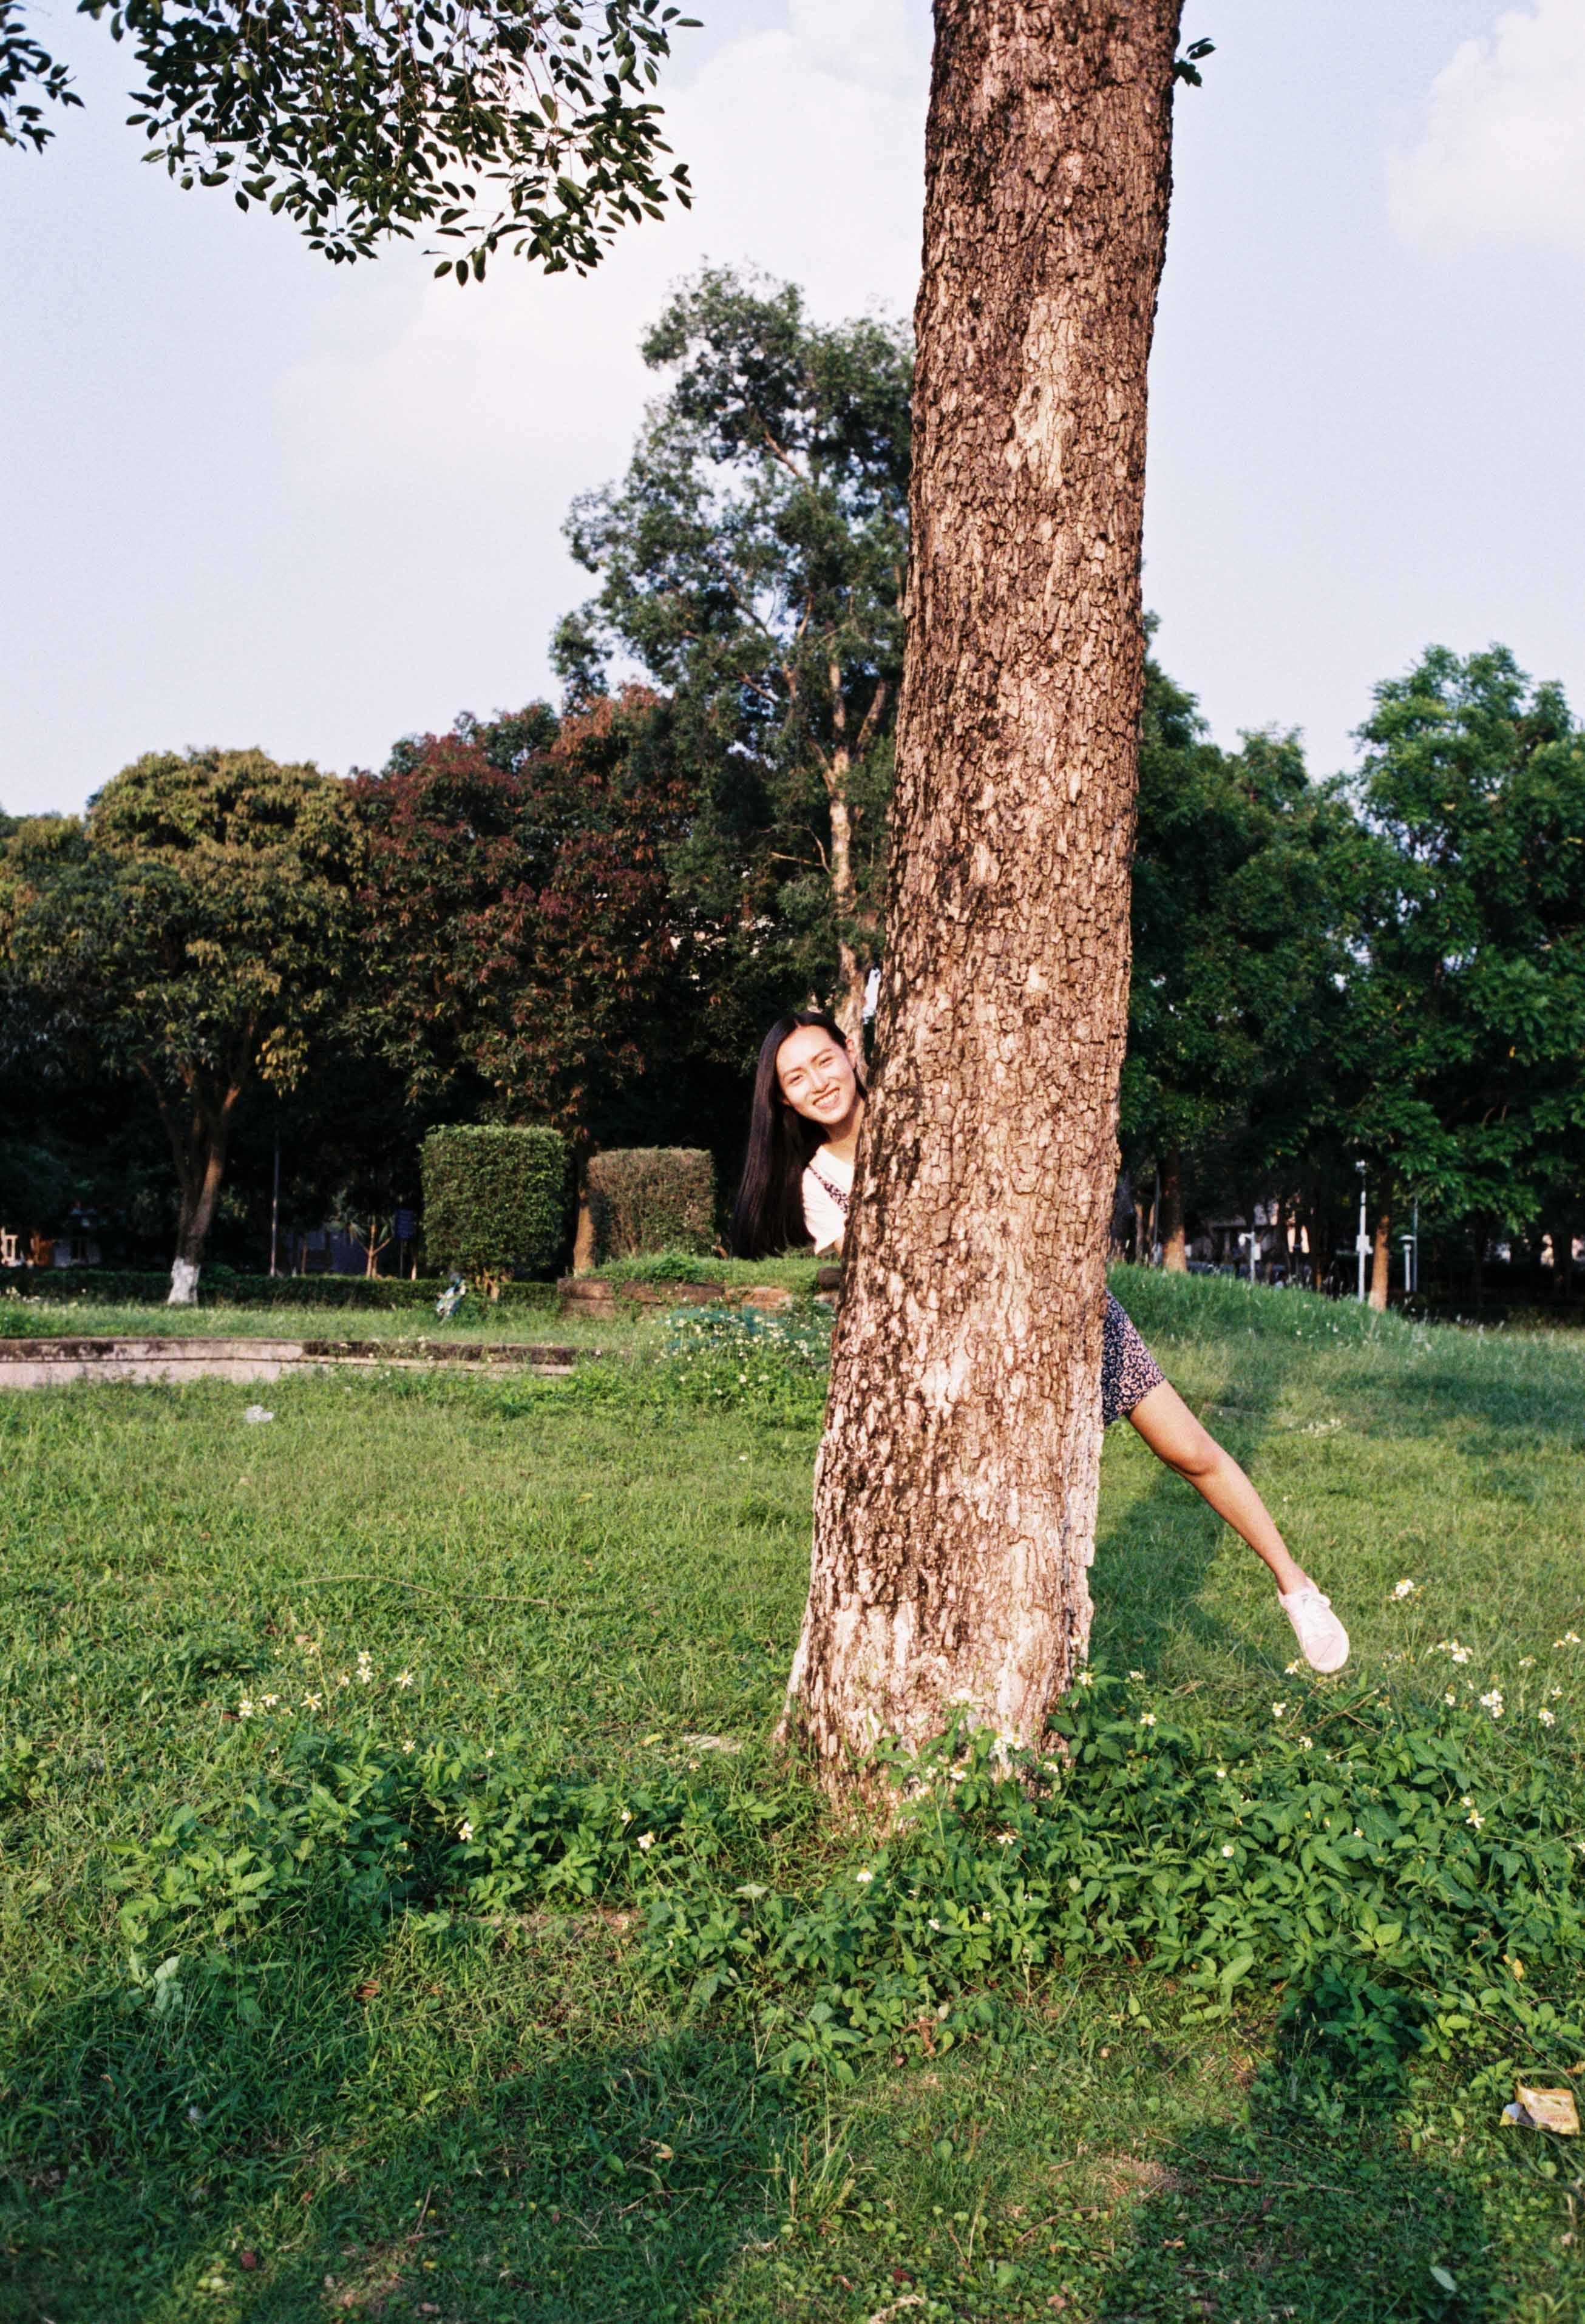 夏天的你@倥哥爱江山-菲林中文-独立胶片摄影门户!